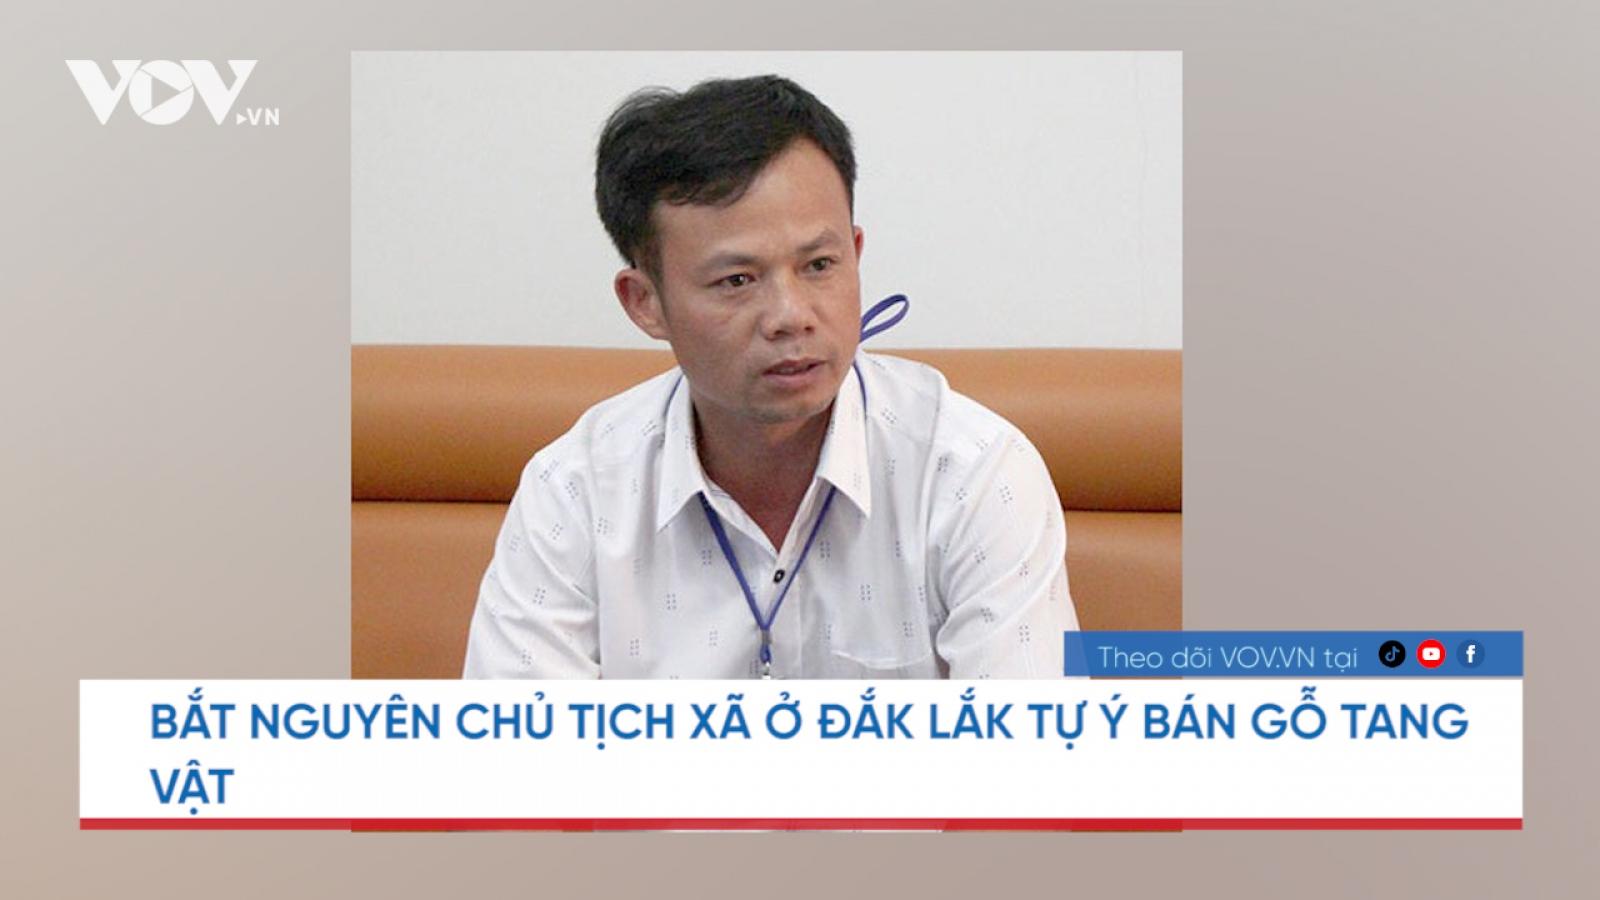 Nóng 24h: Chủ tịch xã ở Đắk Lắk tự ý dùng gỗ tang vật làm quà biếu lãnh đạo